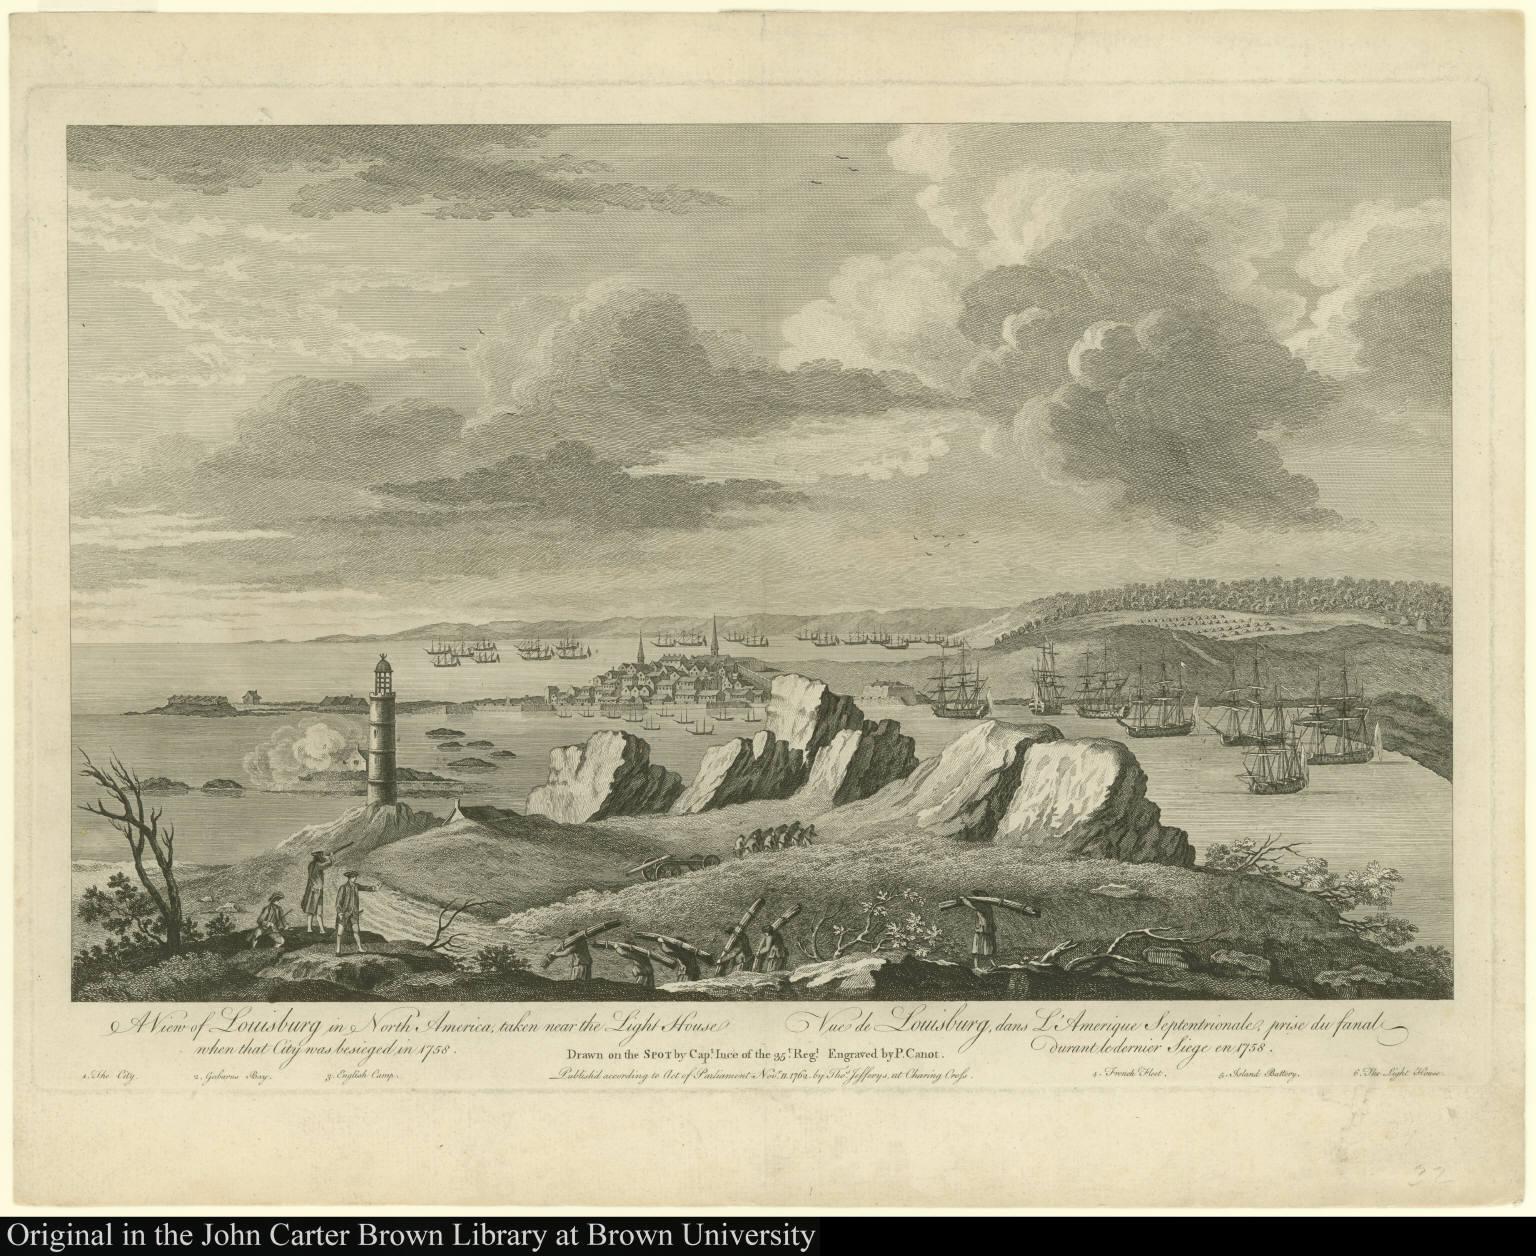 A View of Louisburg in North America, taken near the Light House when that City was besieged in 1758. Vue de Louisburg, dans L'Amerique Septentrionale, prise du fanal durant le dernier Siege en 1758.